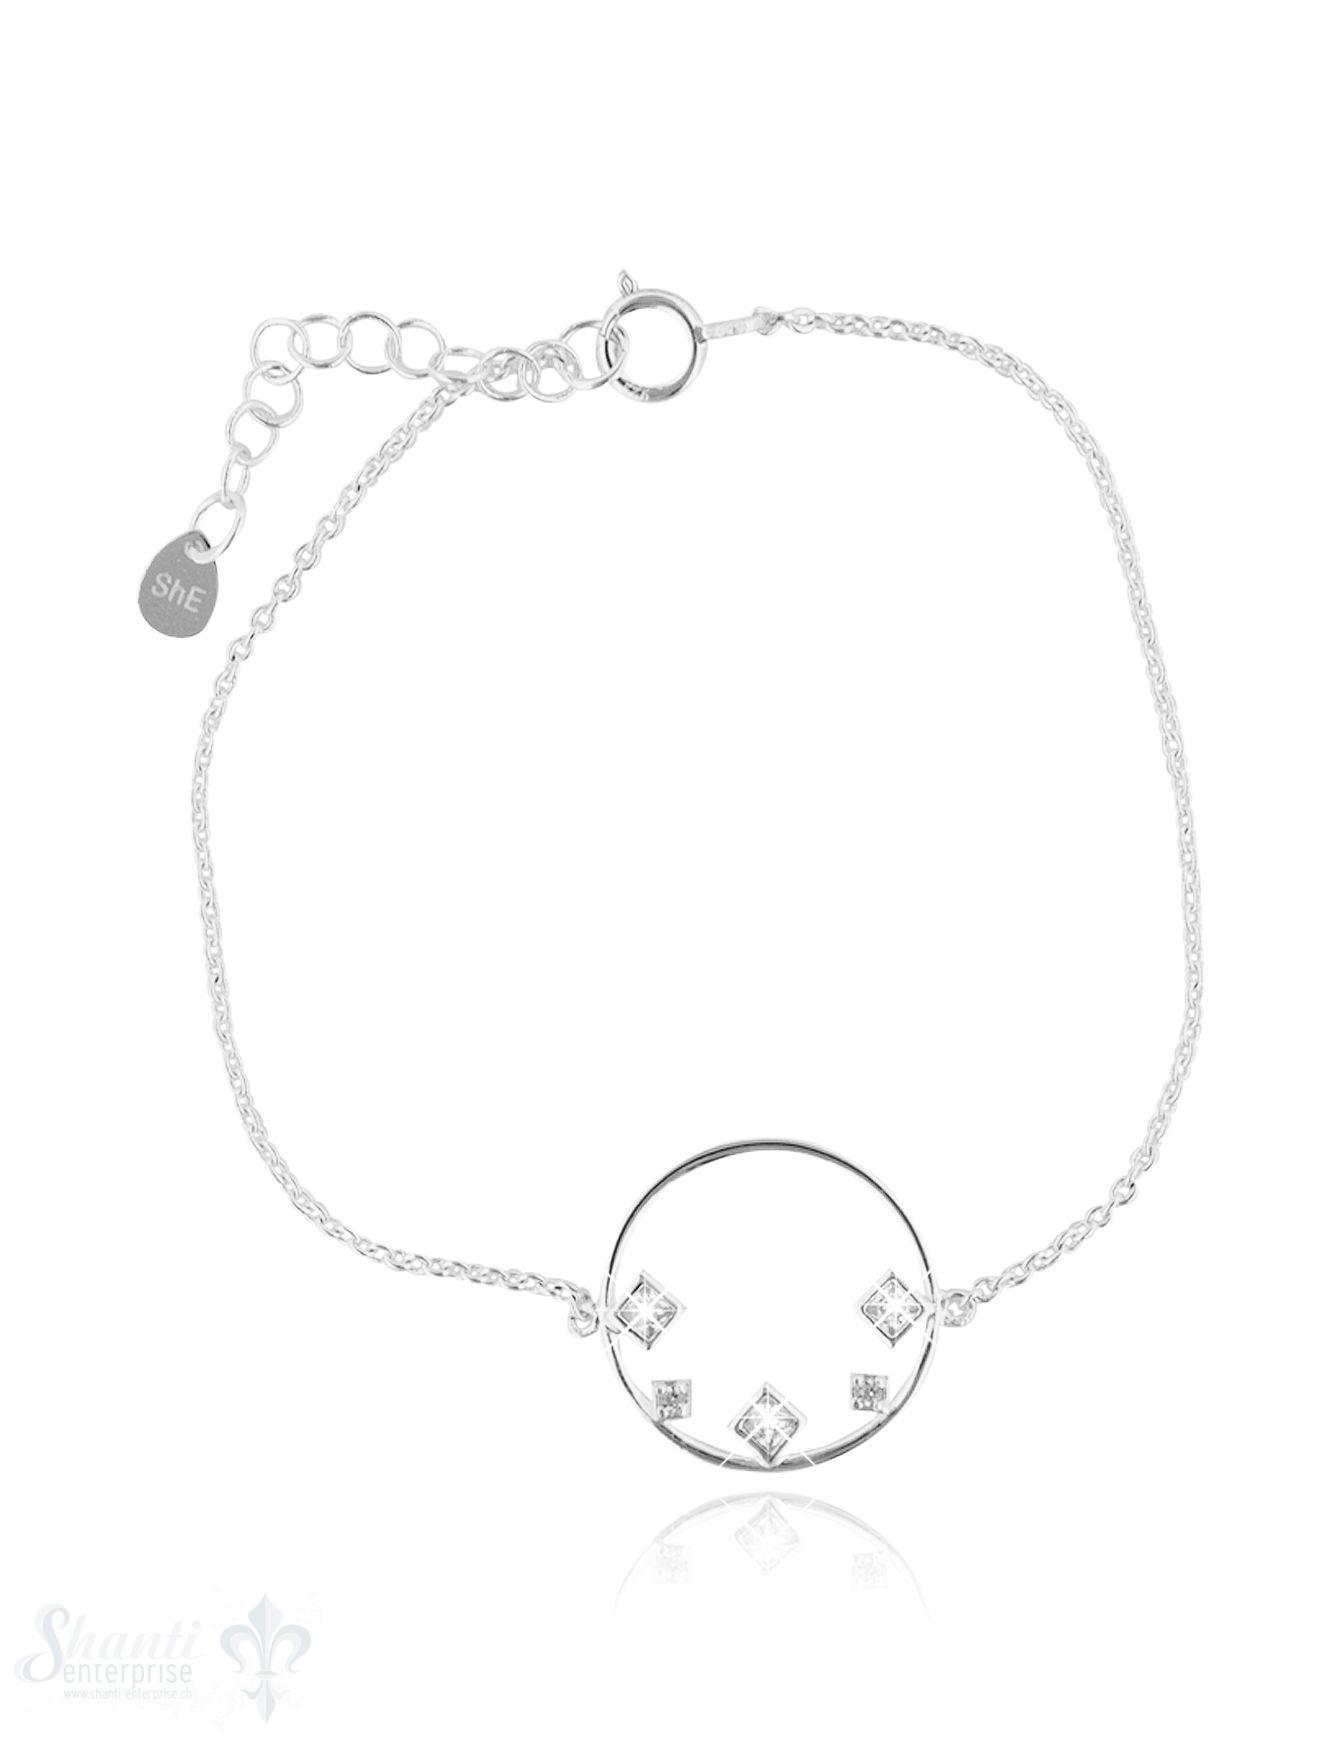 Armkette Anker fein Silber hell mit Kreis mit